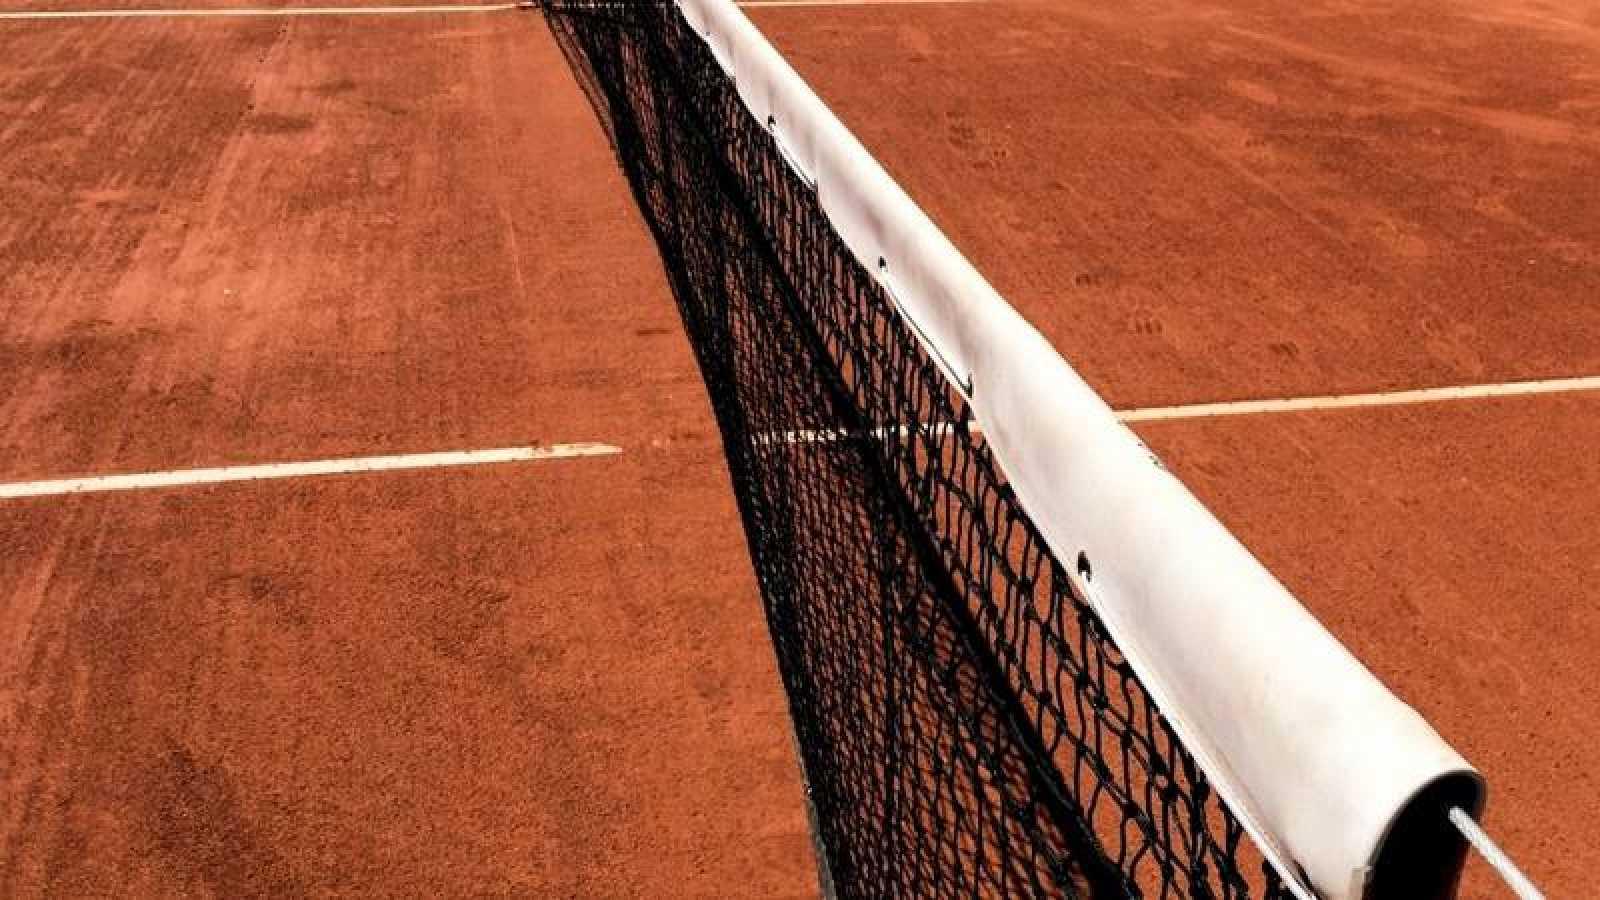 Detalle de una pista de tenis.